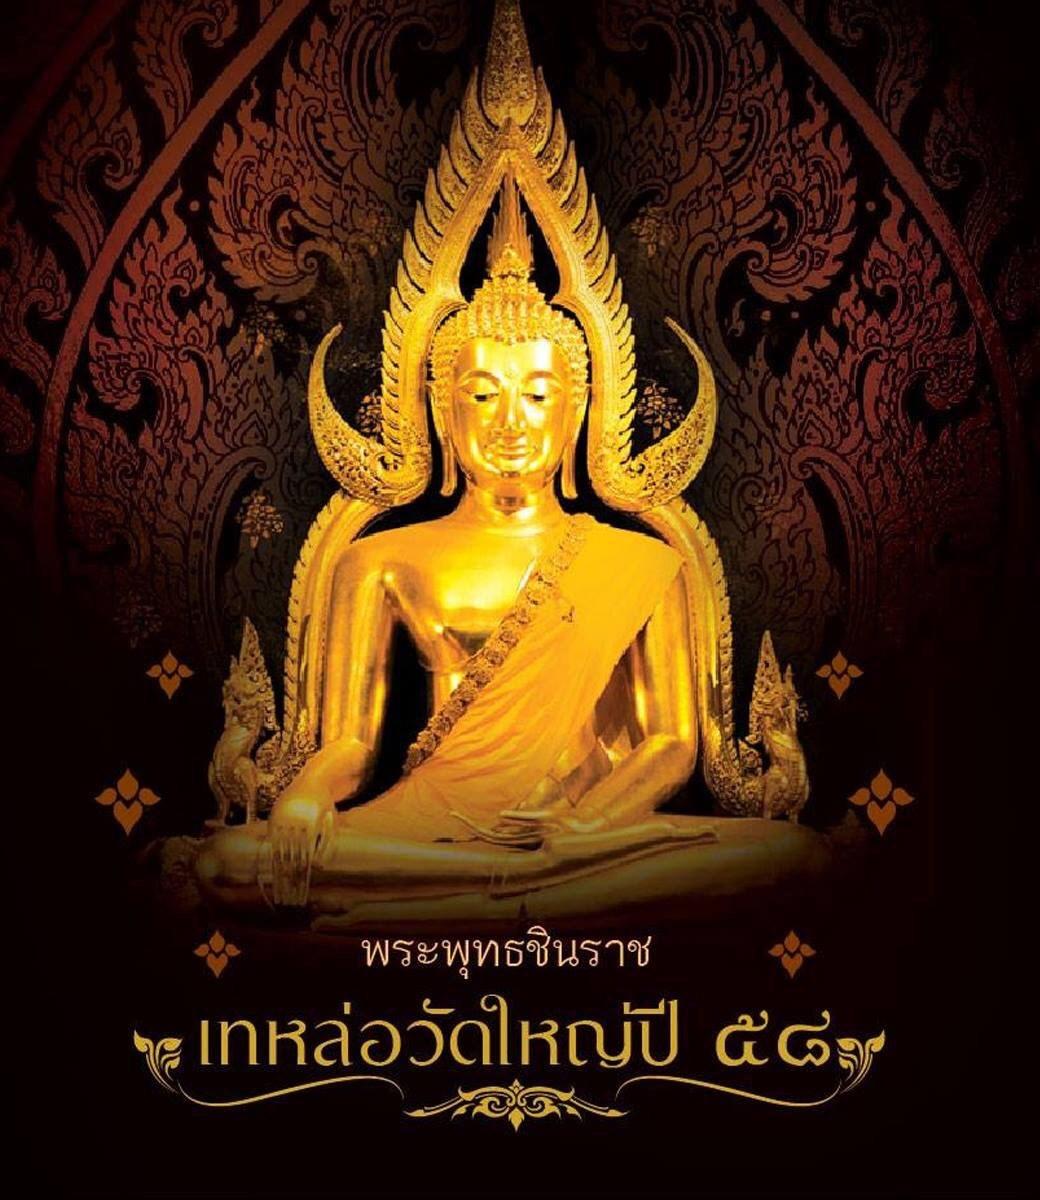 พร้อมส่ง!! #พระพุทธชินราช เป็นพระพุทธรูปสำคัญ ซึ่งพระมหากษัตริย์ไทยทรงเคารพนับถือสักการะบูชา มาแต่ครั้งสมัยกรุงศรีอยุธยา ดังมีรายพระนามที่ปรากฎในพงศาวดาร คือ สมเด็จพระราเมศวร สมเด็จพระบรมไตรโลกนารถ สมเด็จพระรามาธิบดีที่ ๒ สมเด็จพระบรมราชาหน่อพุทธางกูร สมเ